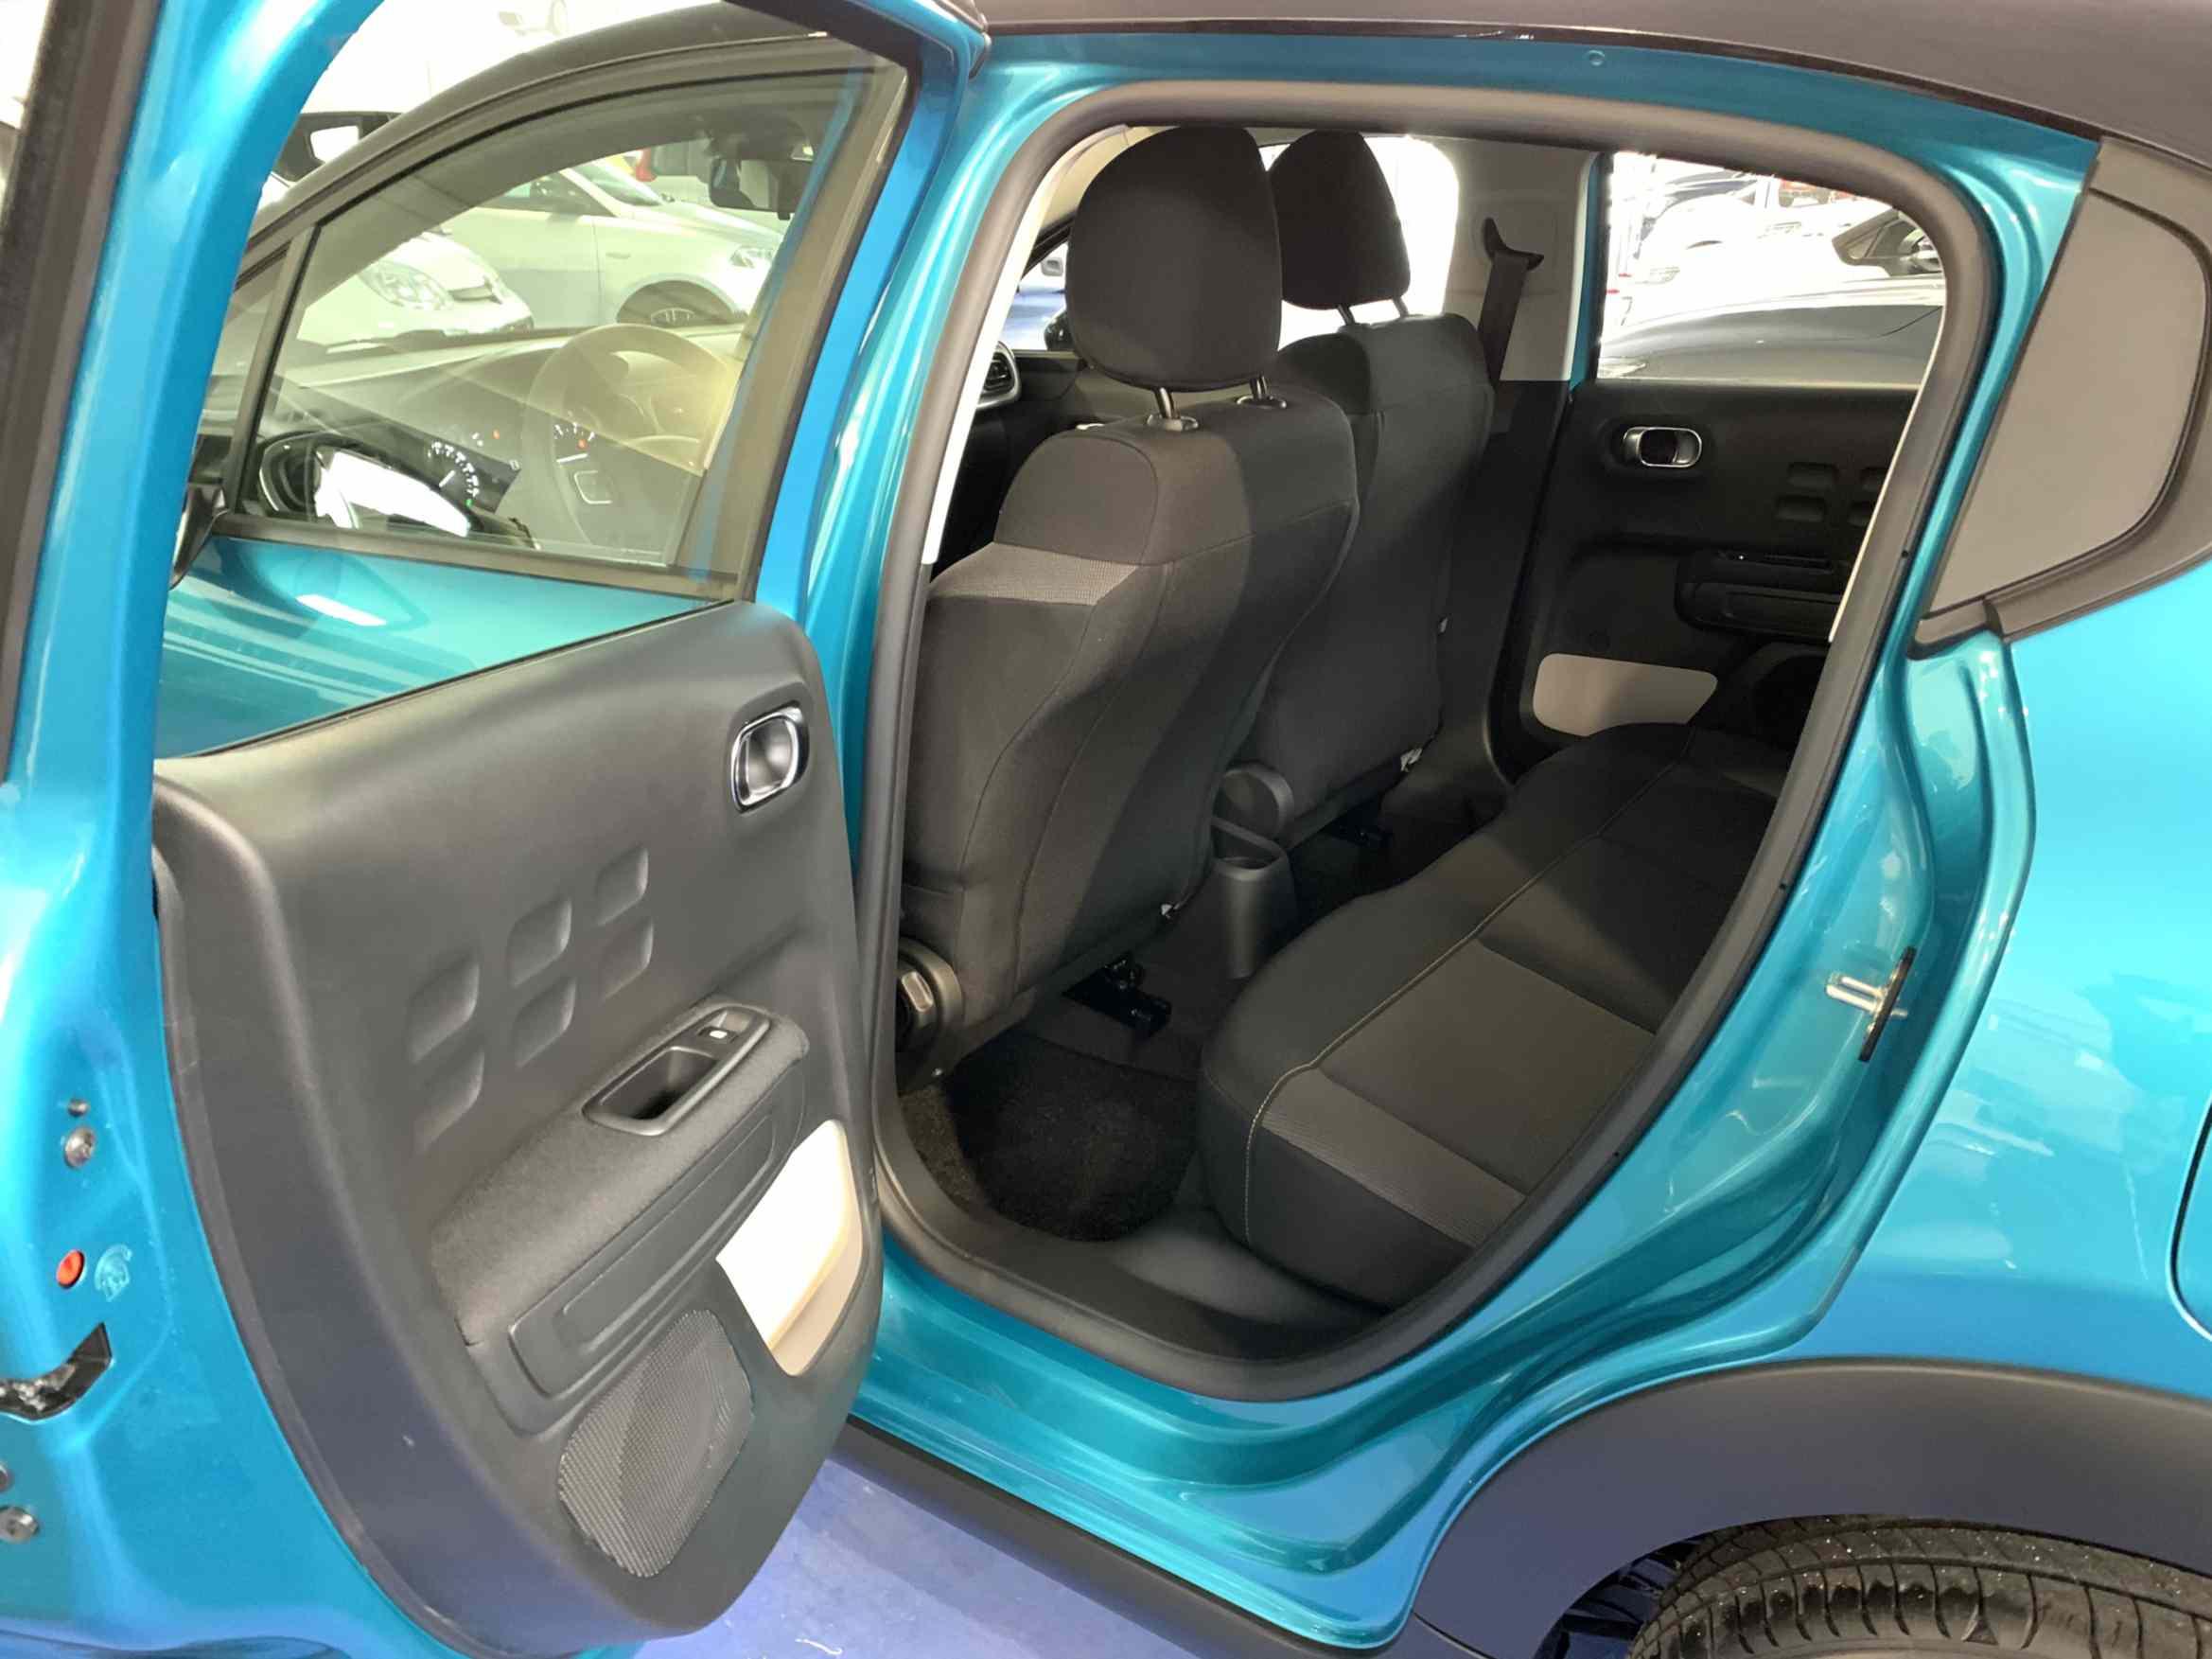 premium_vendita_auto_enna_sicilia_4